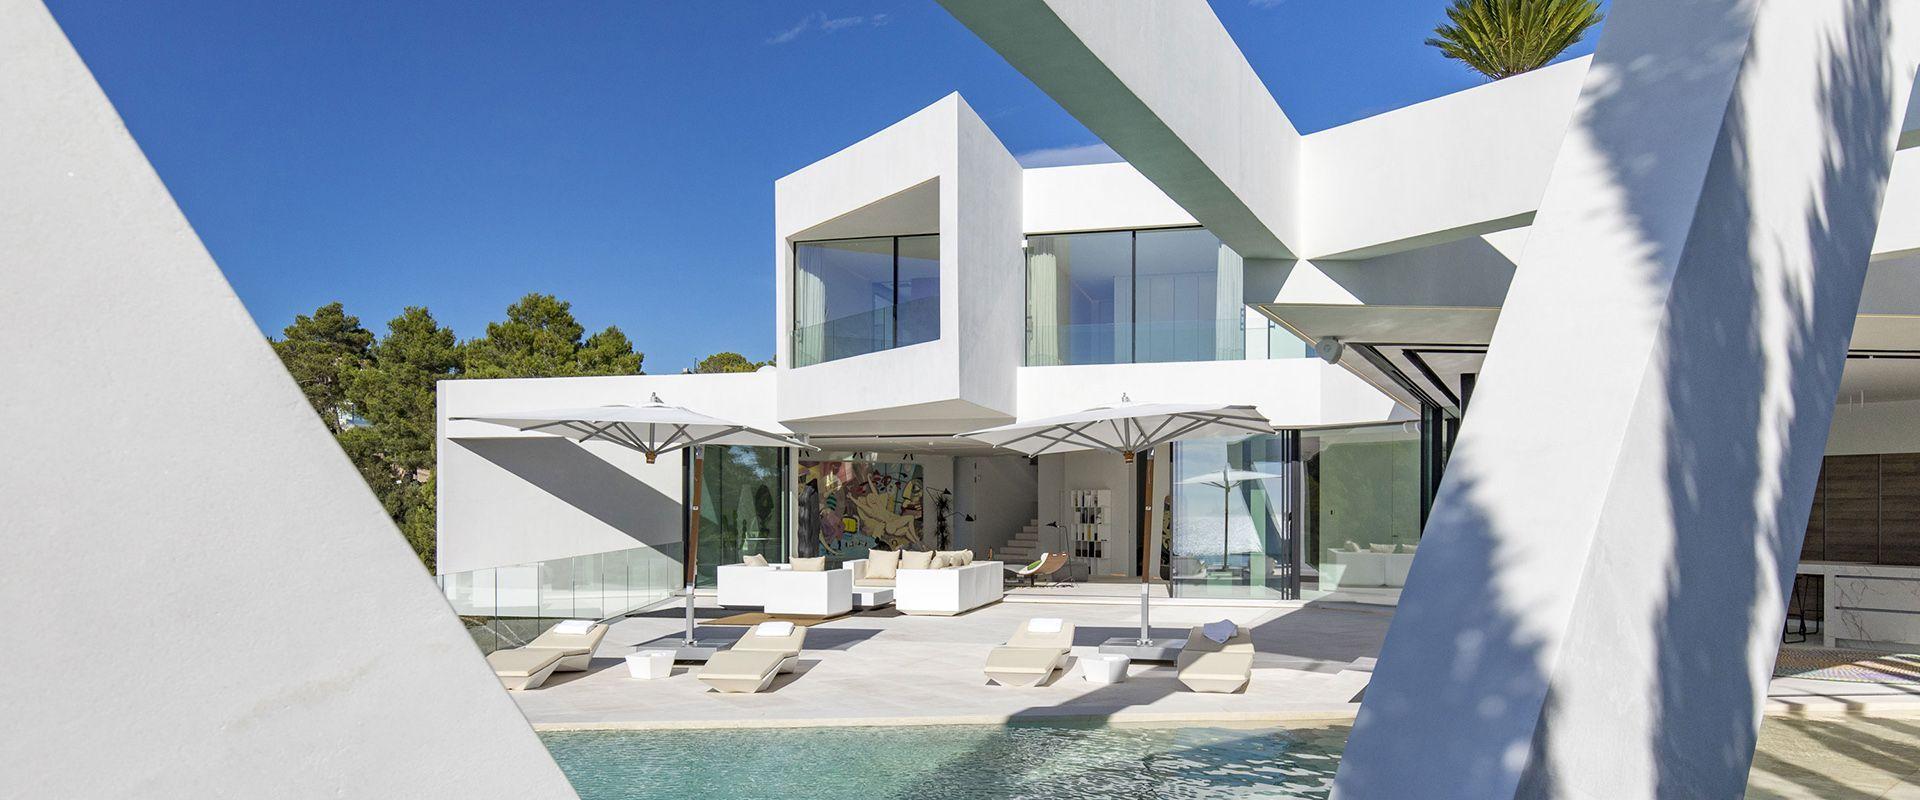 Villa Triángulo : le design et la technologie se rencontrent dans une fusion de géométries